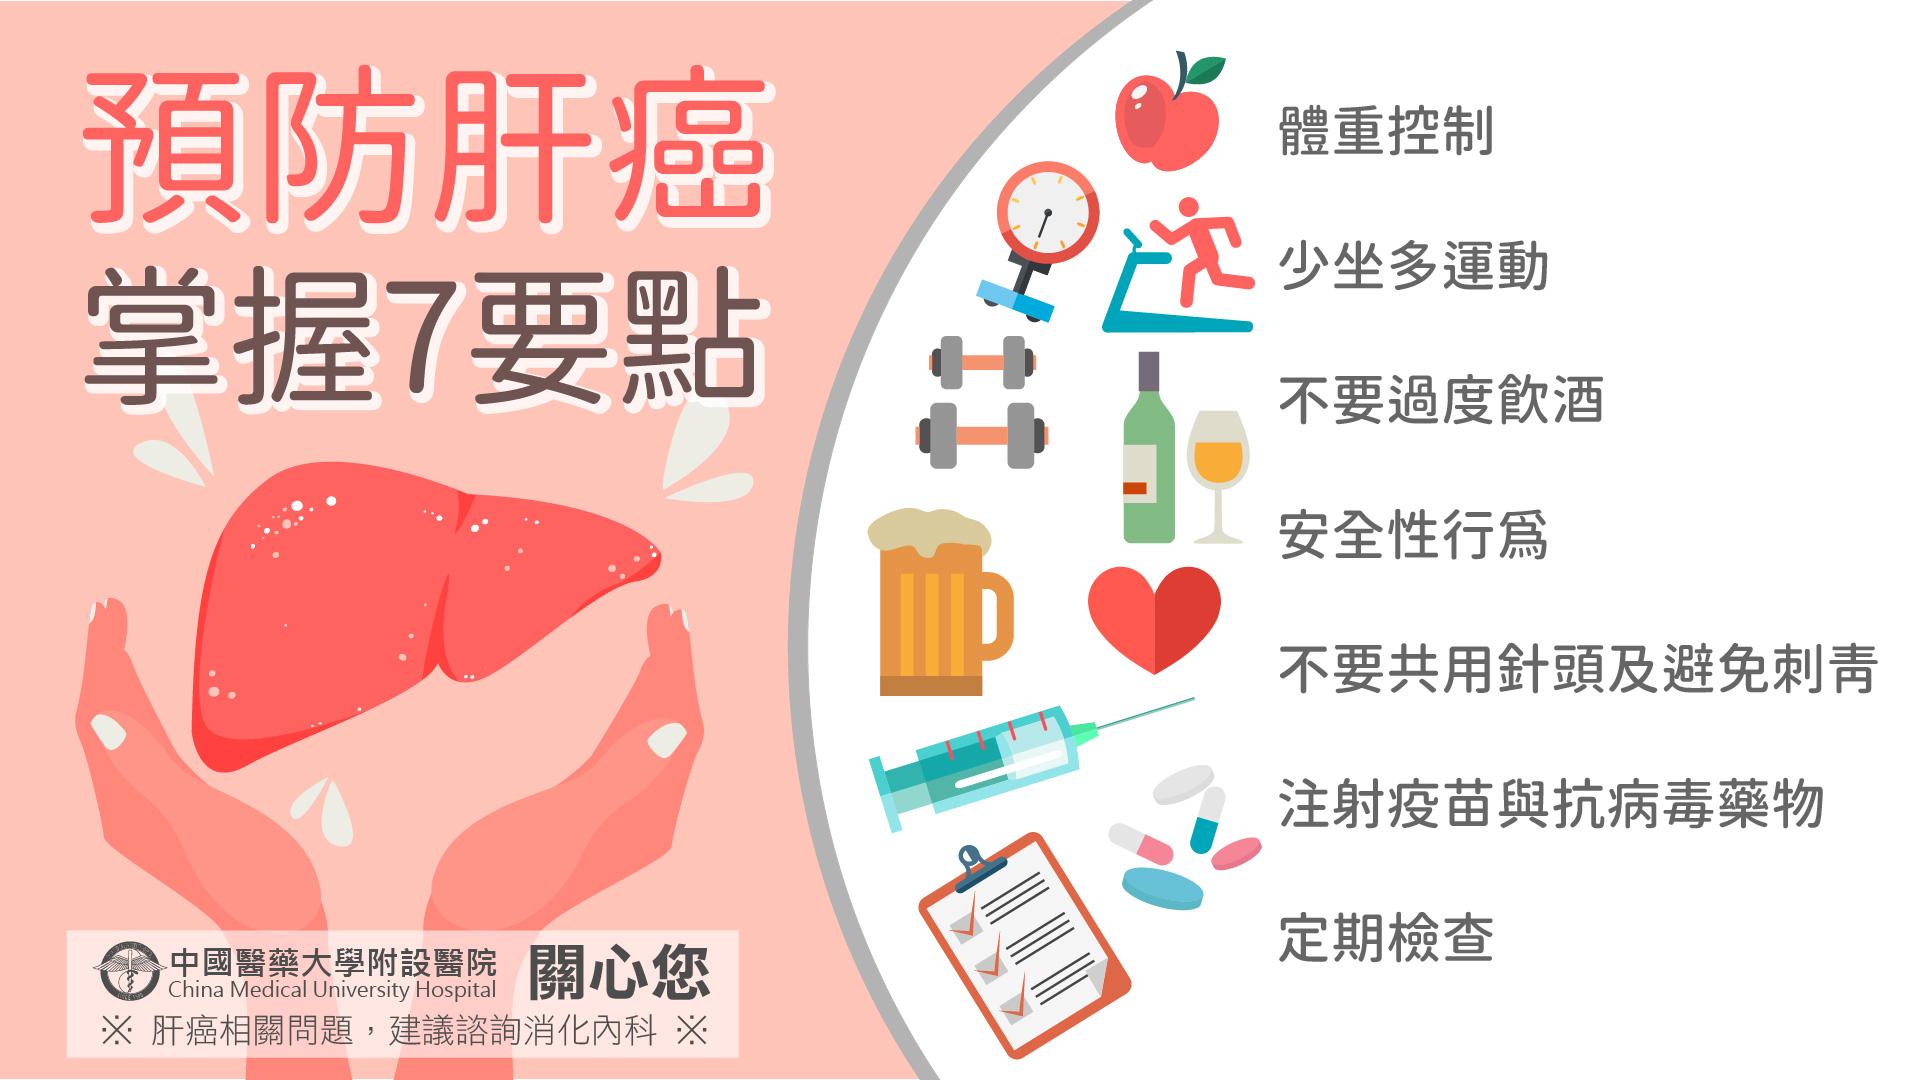 預防肝癌,掌握7要點-肝癌懶人包5